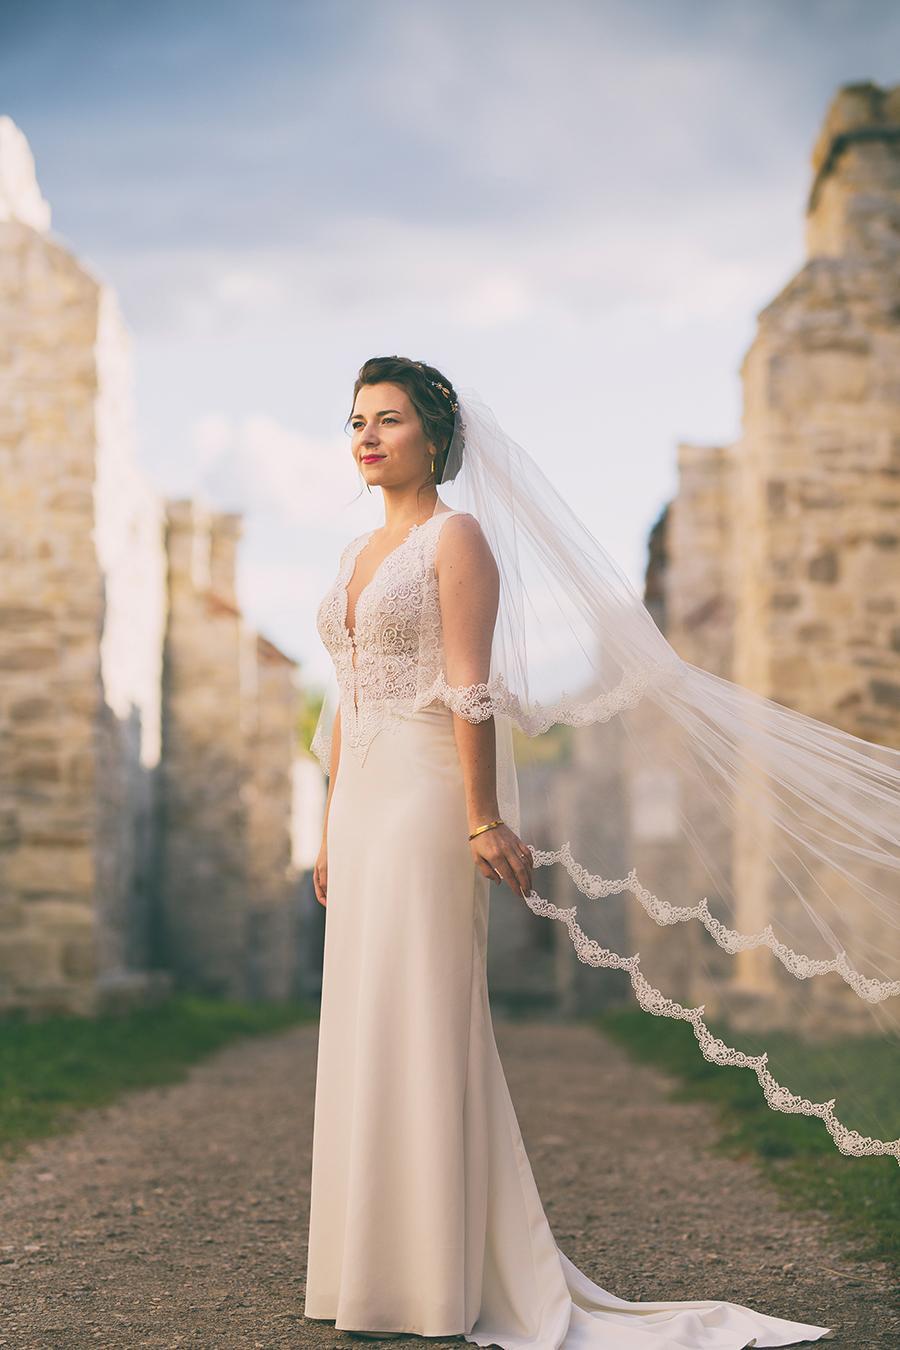 Para Młoda wybrała na miejsce swojej sesji zdjęciowej ślubnej Zamek Tenczyn. Bardzo długo wyczekiwana sesja ślubna.